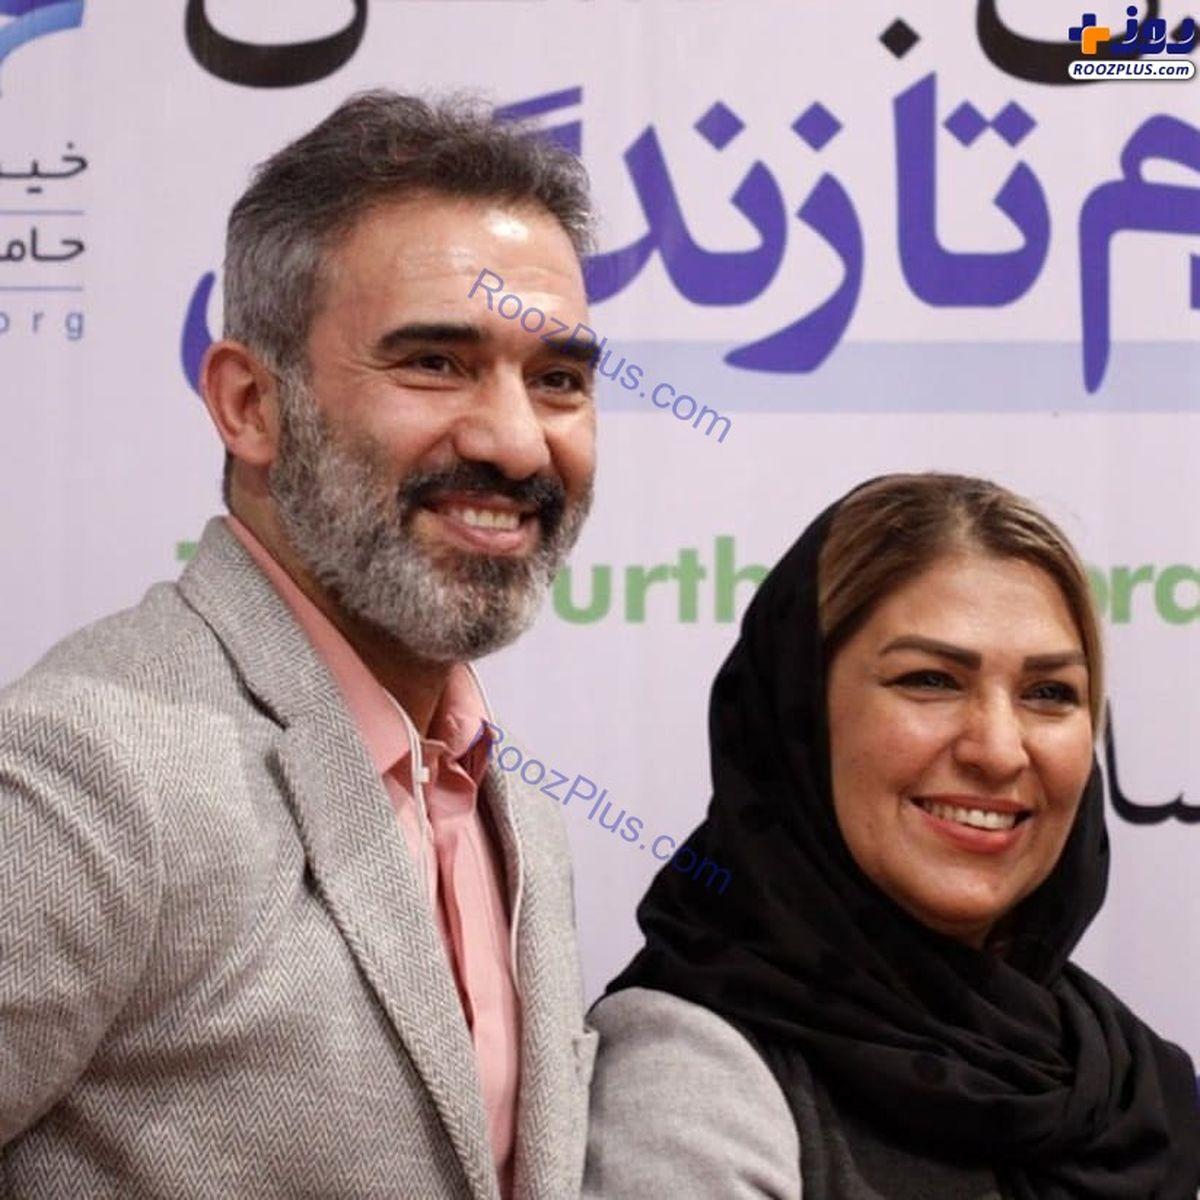 زندگی ثروتمندانه احمدرضا عابدزاده + عکس همسرش